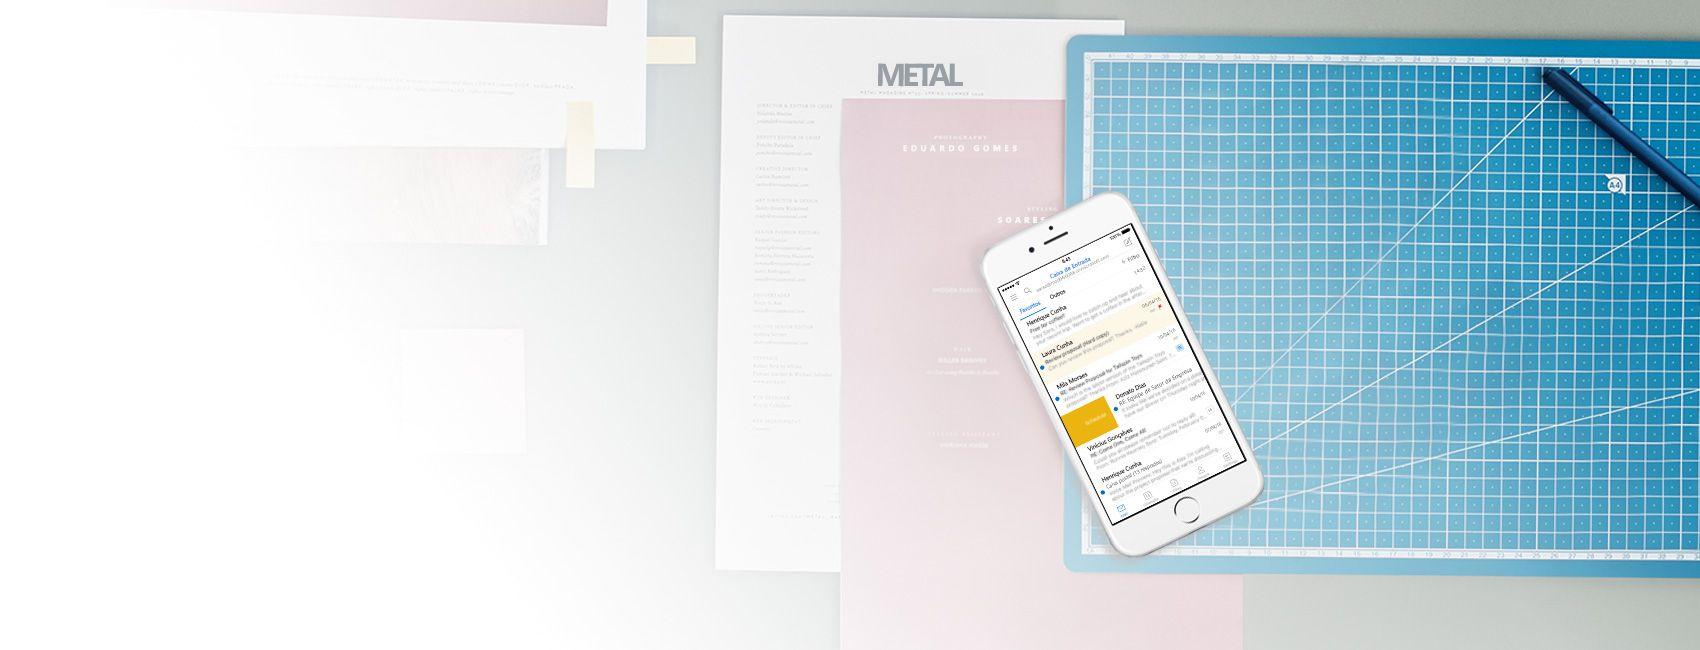 Telefone exibindo uma caixa de entrada de email no aplicativo Outlook